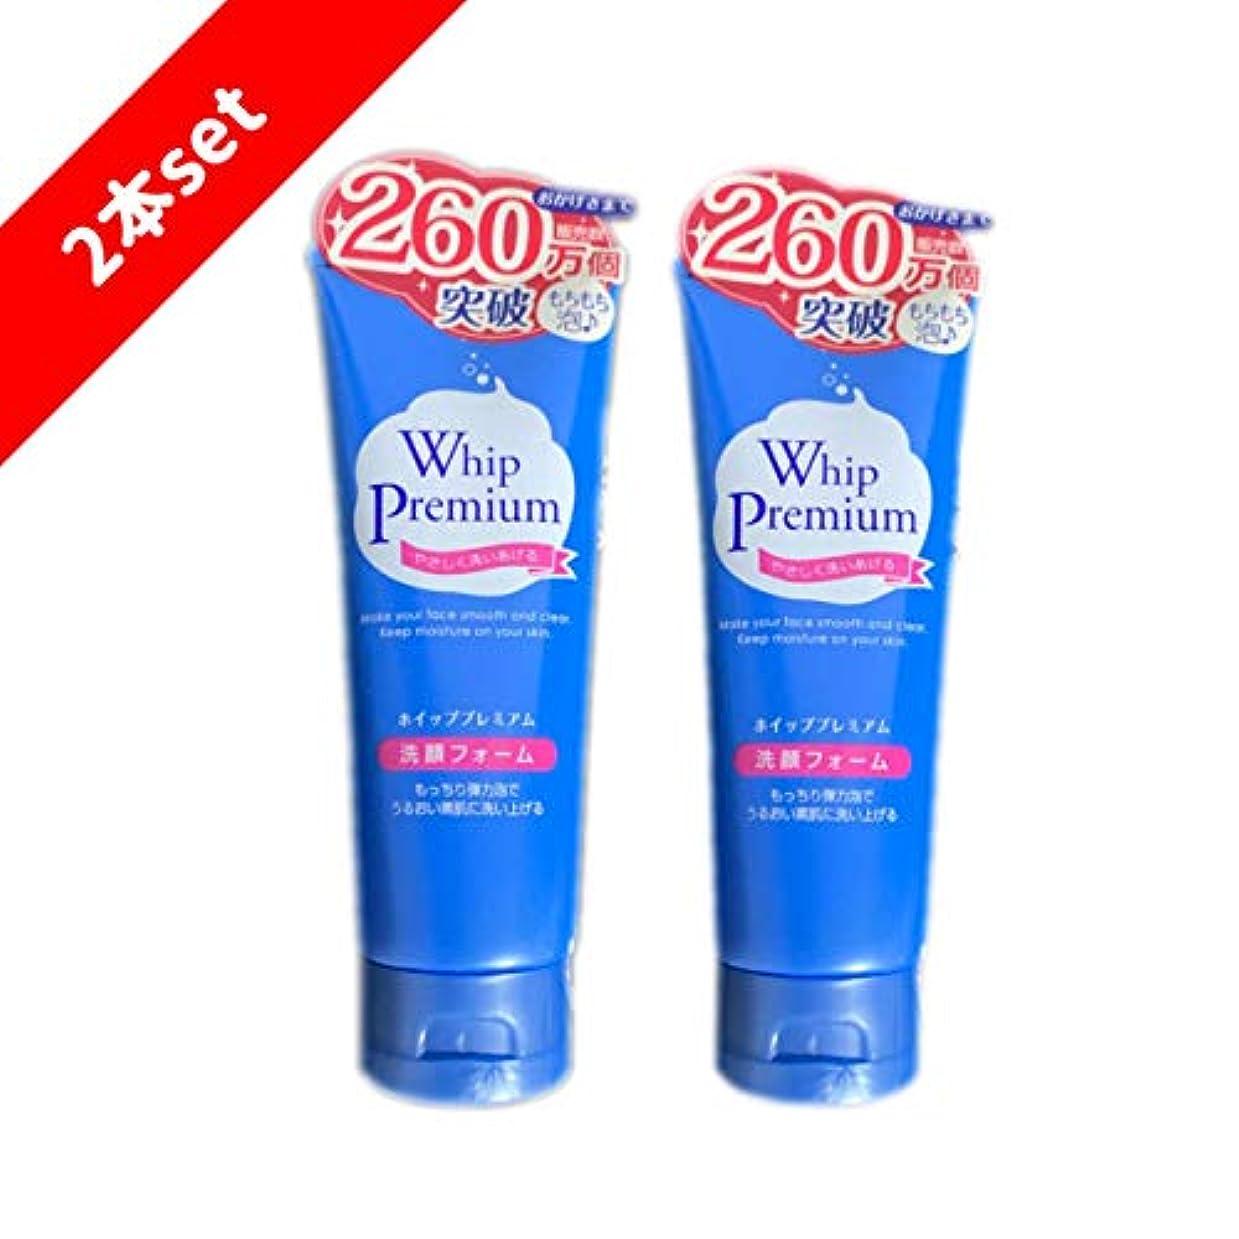 満員抜粋専らホイッププレミマム 洗顔フォーム お得な2本セット(Whip Premium) 140g もちもち泡洗顔